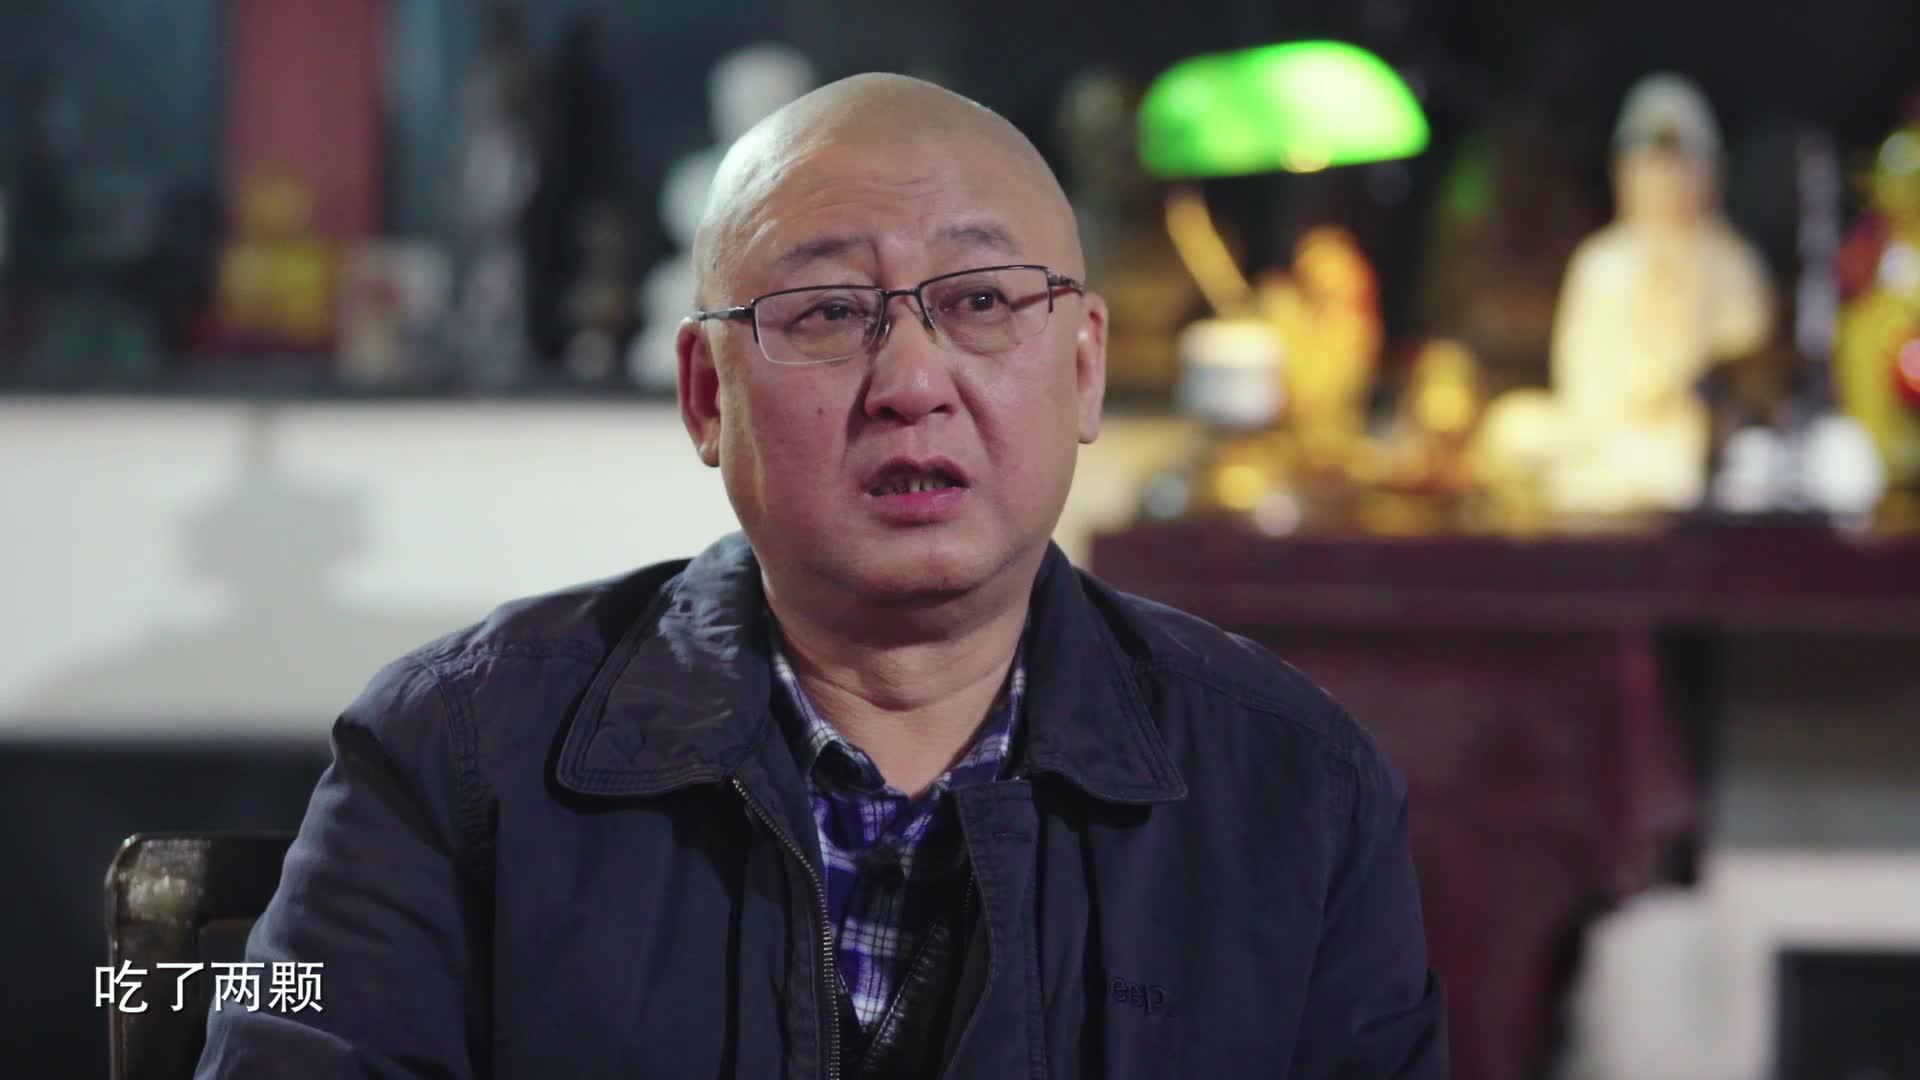 20190228 樊建川:我把靖国神社当最大对手